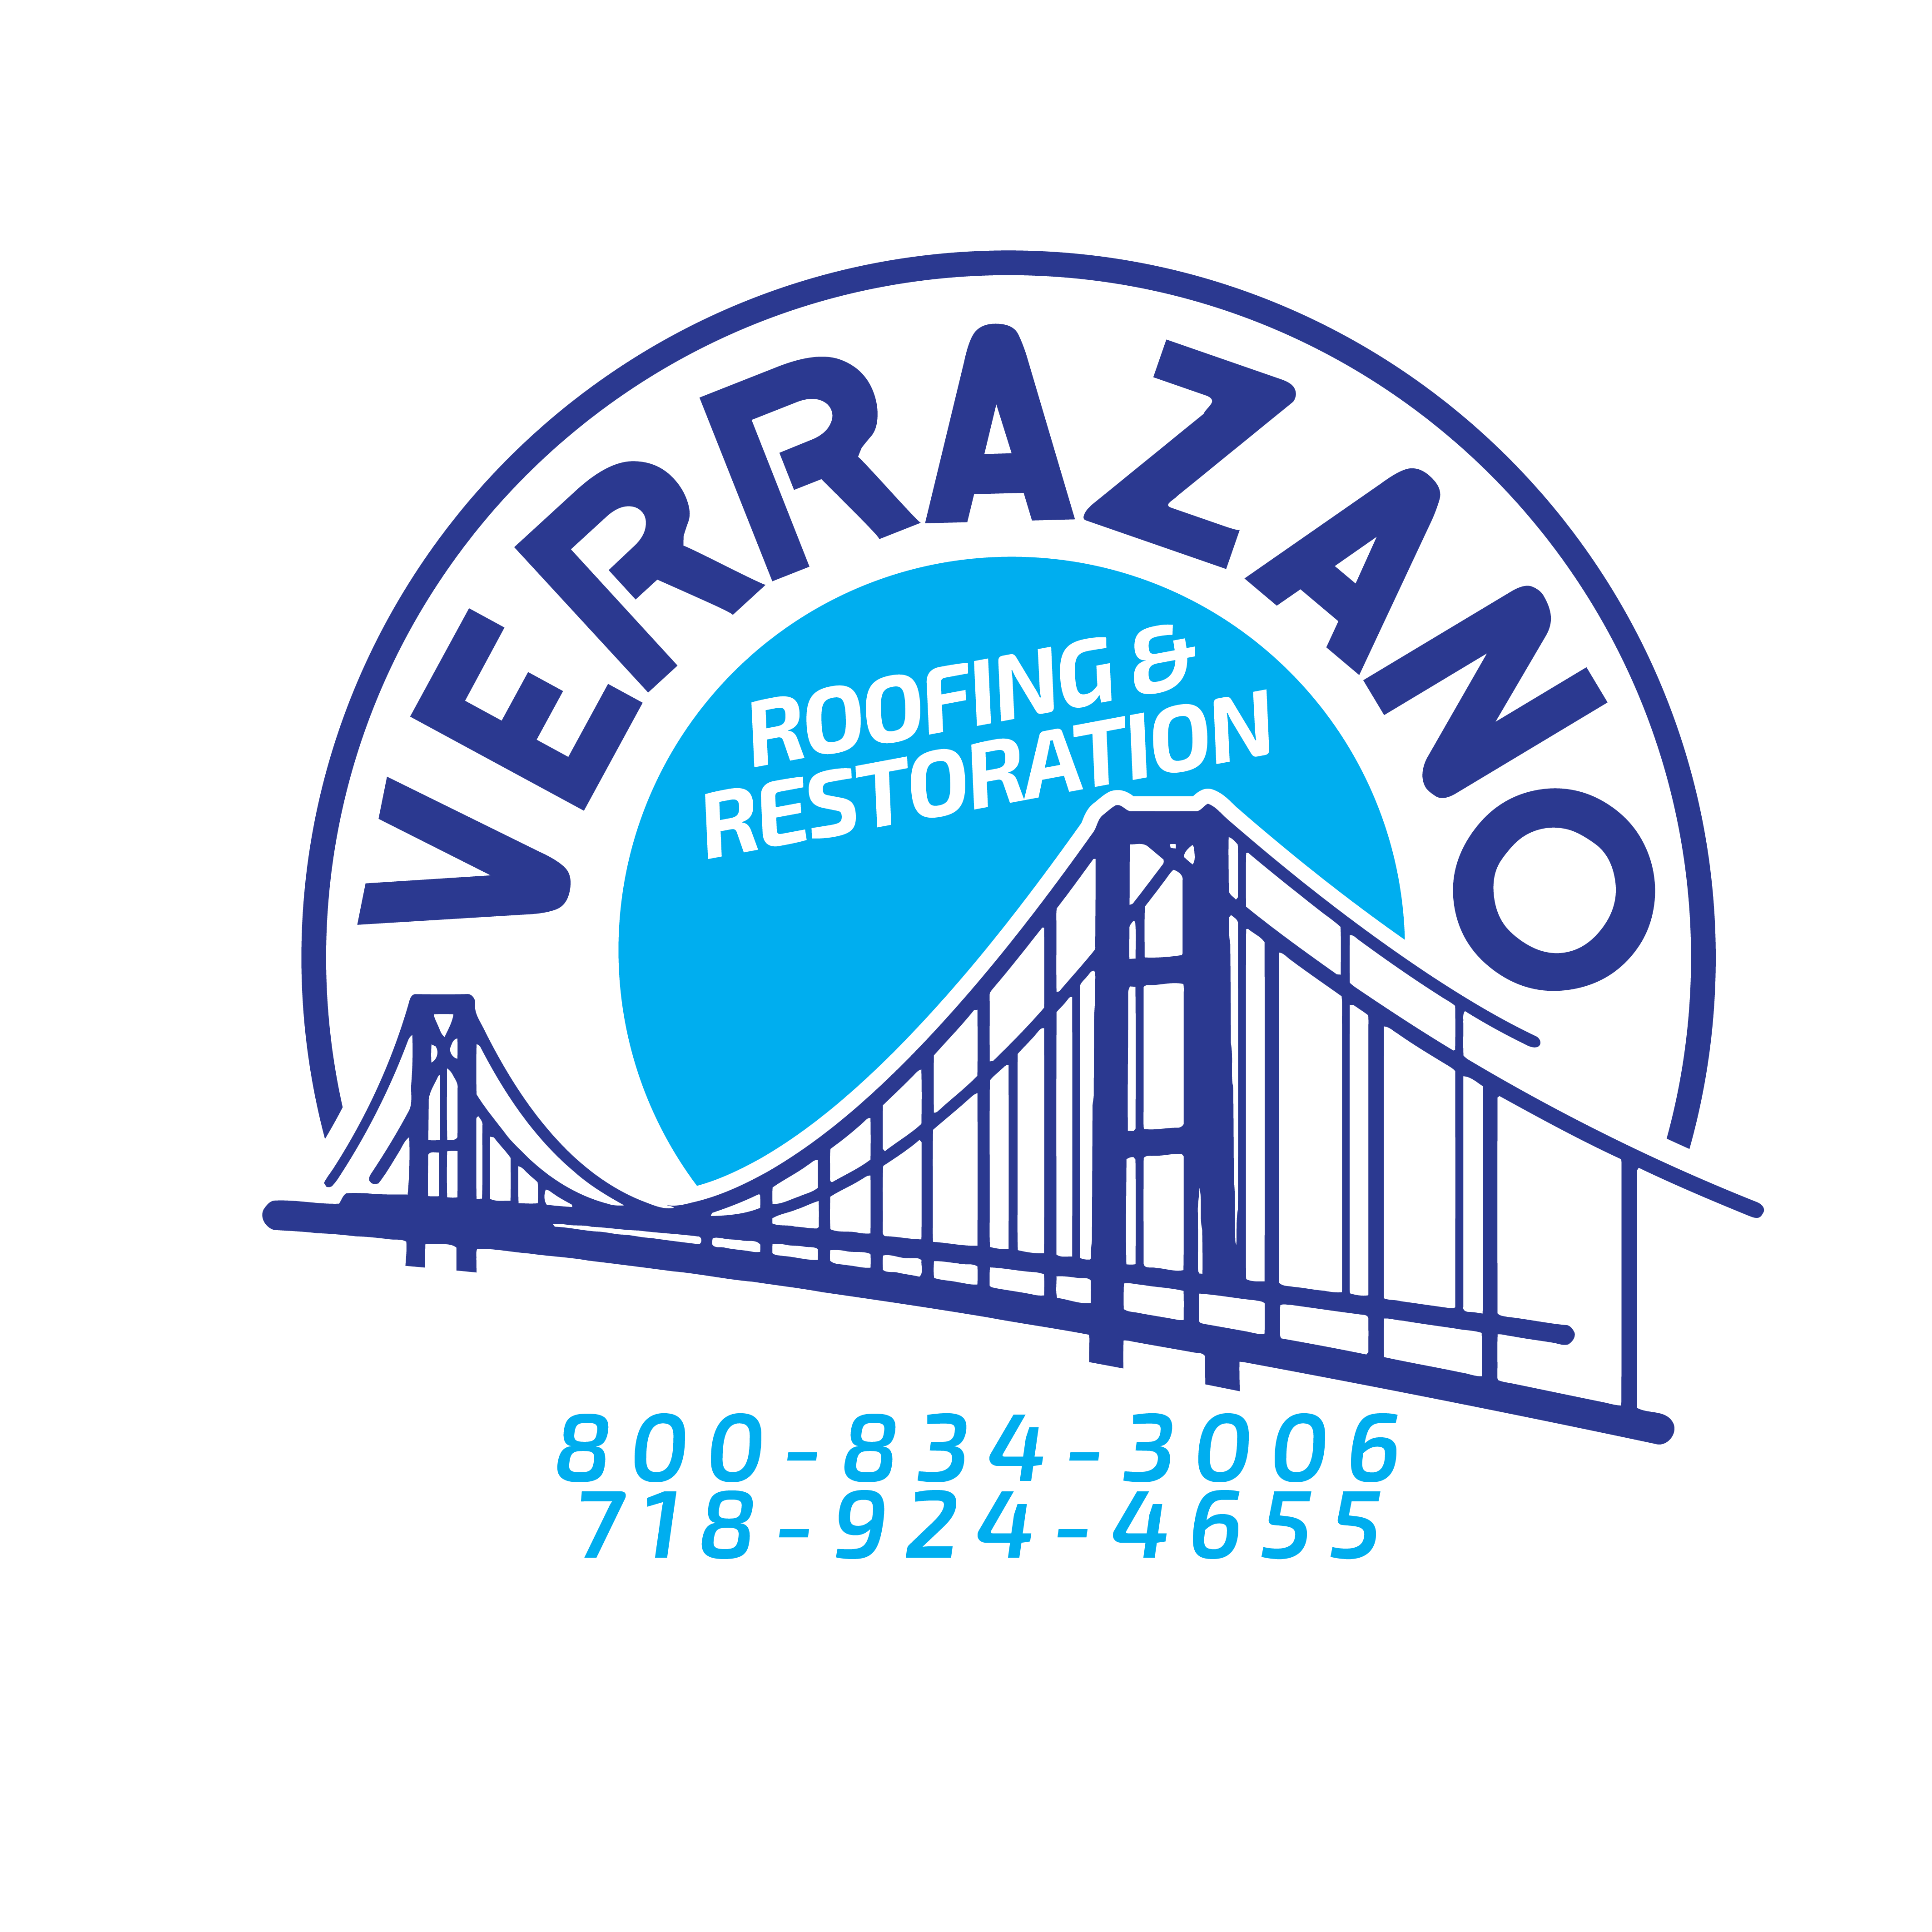 Verrazano Roofing